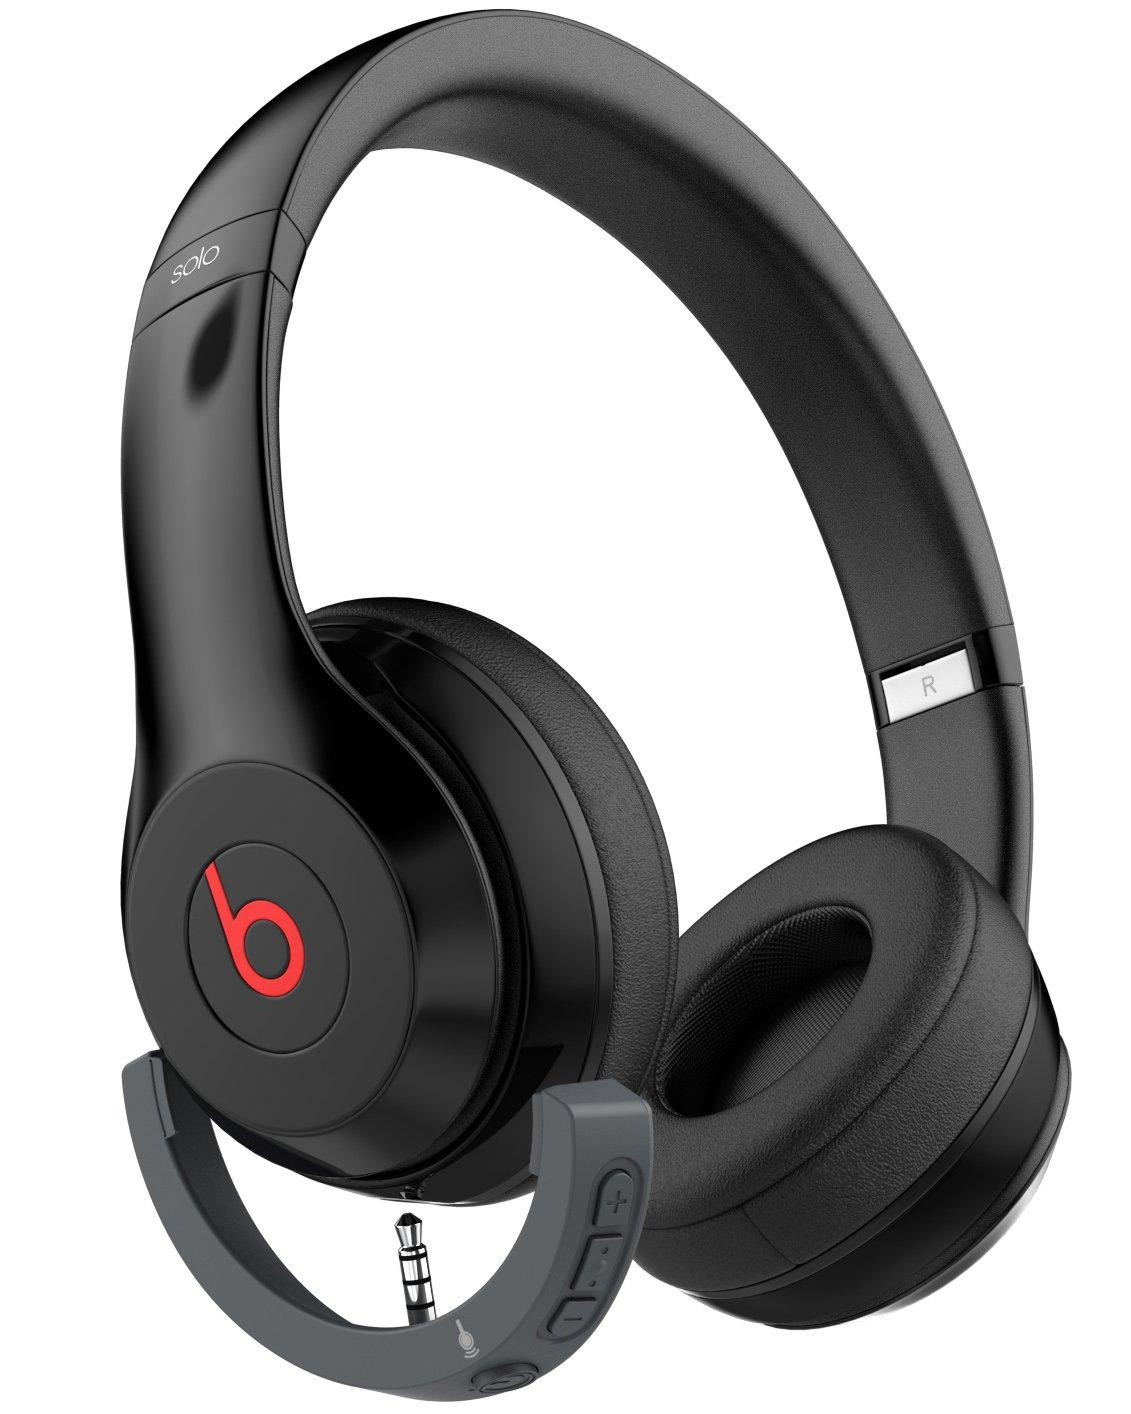 AirMod Wireless Bluetooth Adapter Headphones